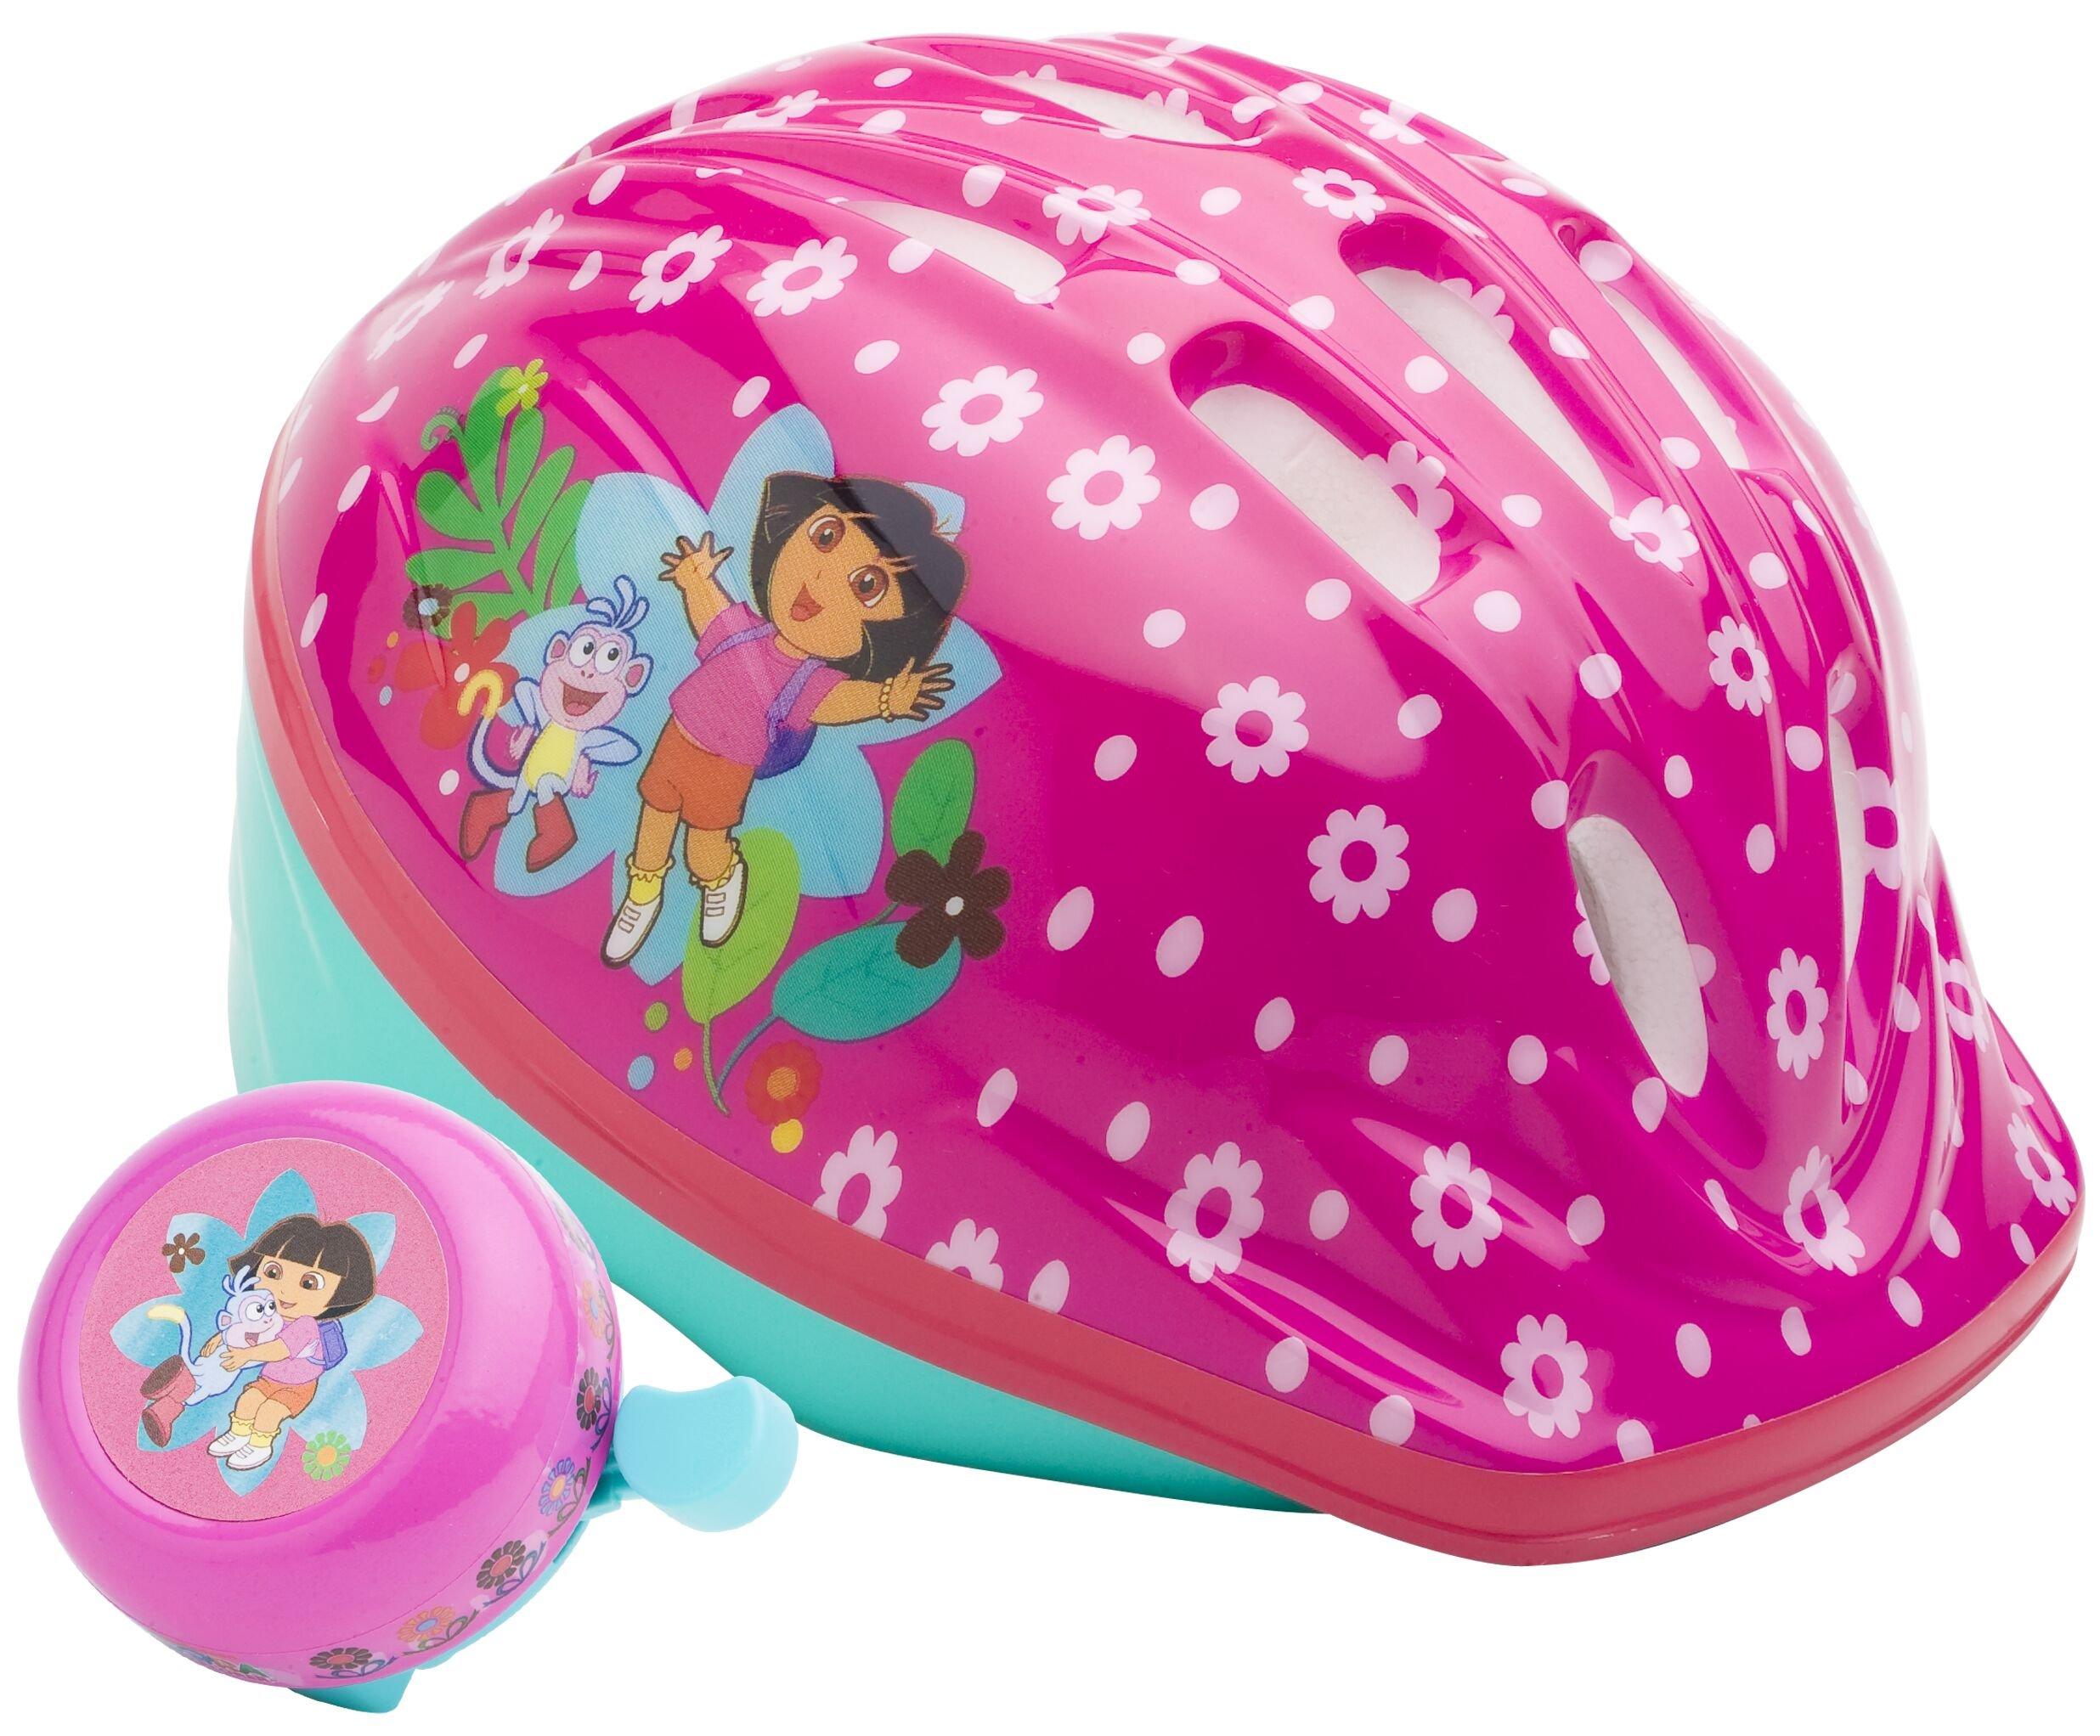 Dora Toddler Microshell Helmet (Pink) by Dora the Explorer (Image #1)